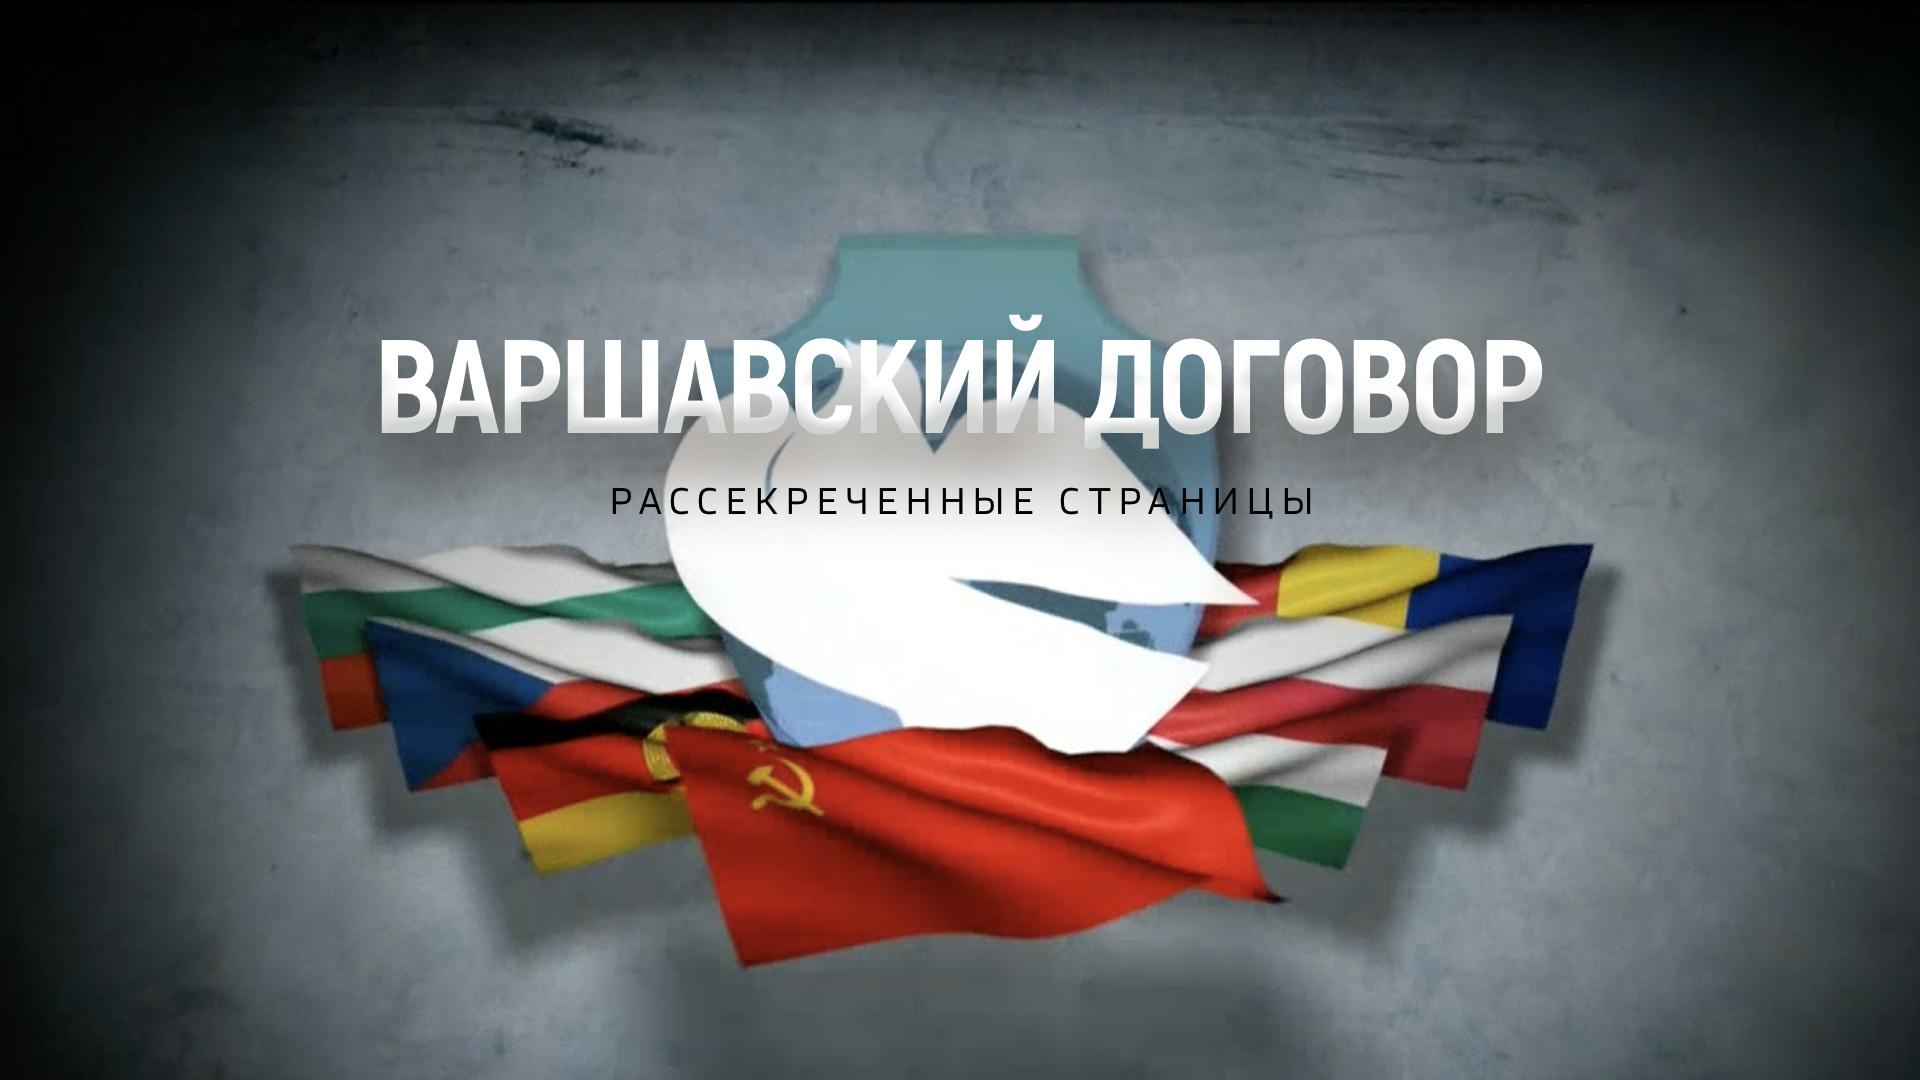 Варшавский договор. Рассекреченные страницы